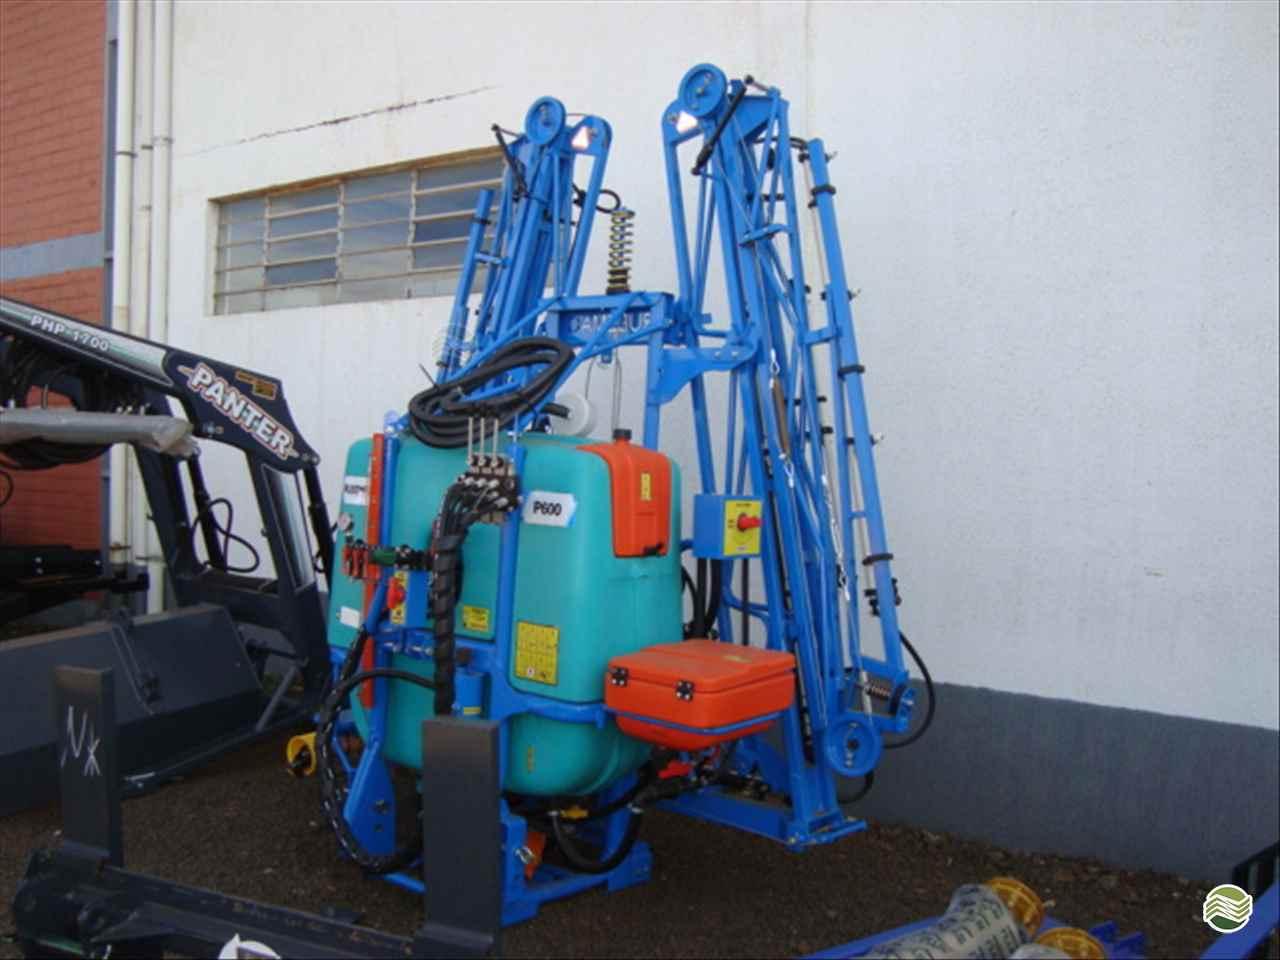 PULVERIZADOR RUBEMAQ RUBEMAQ 600 ACOPLADO Acoplado Hidráulico Tratordiesel - Landini XANXERE SANTA CATARINA SC